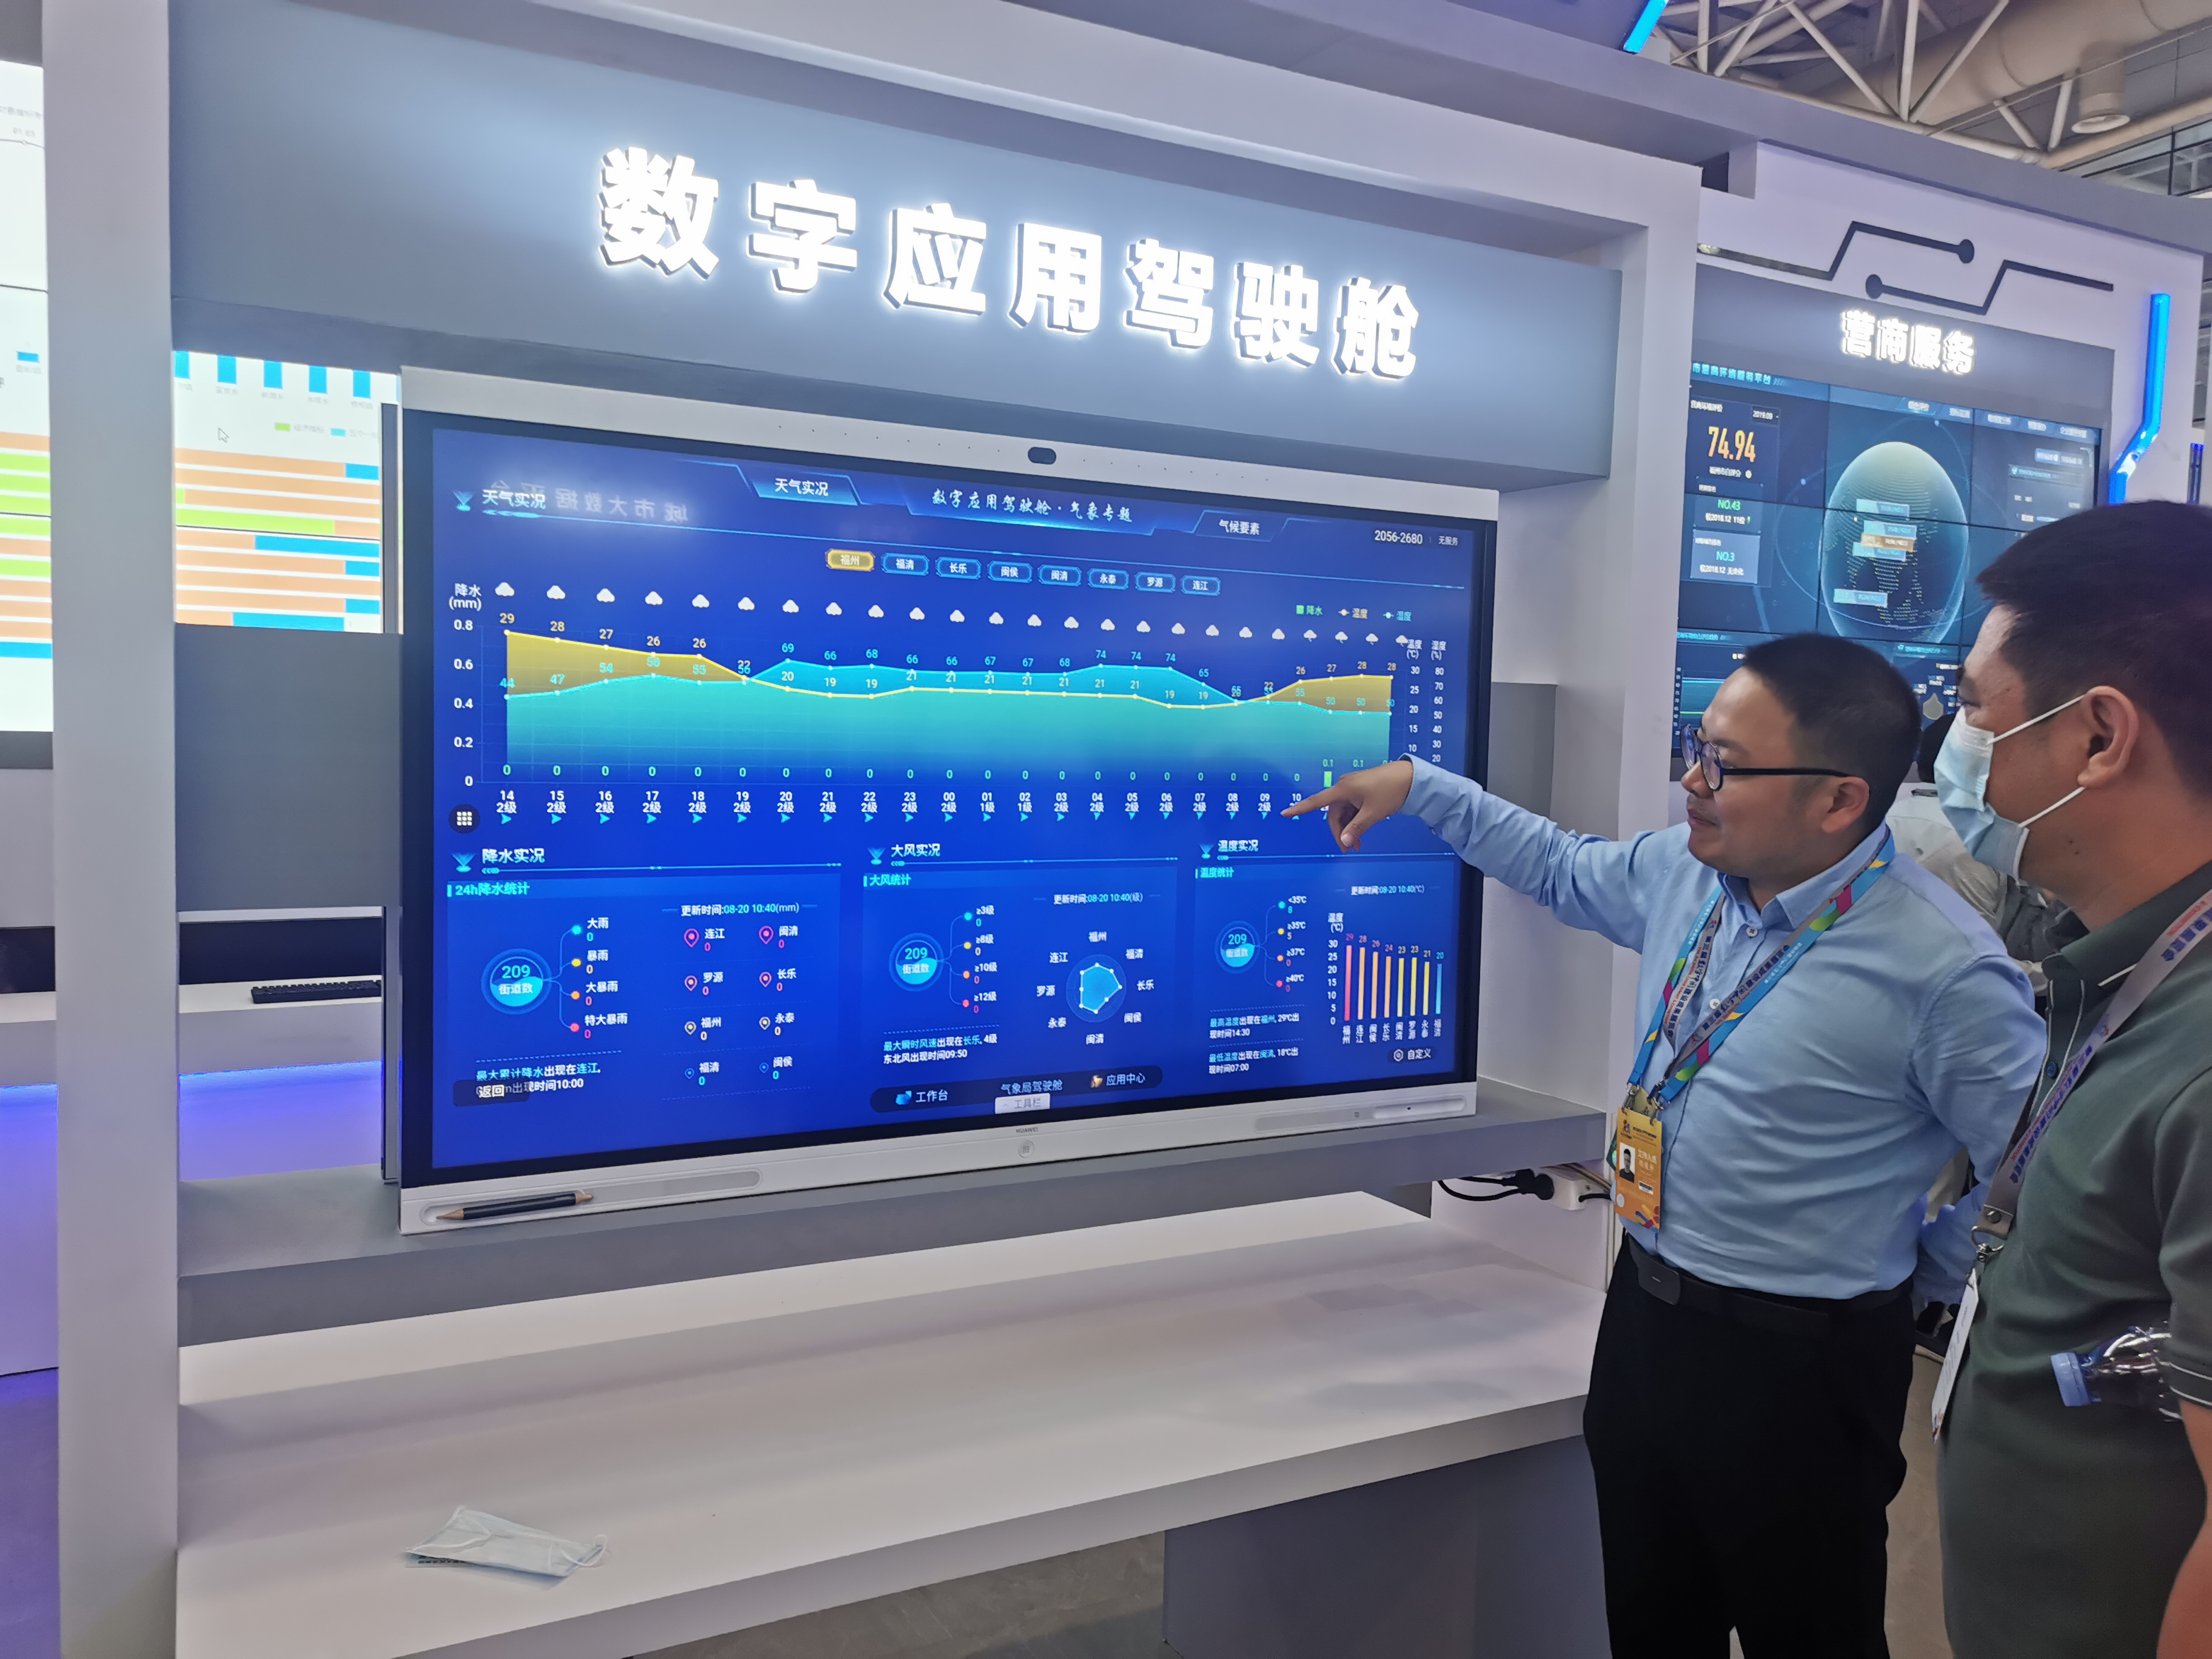 福州:数字福州气象驾驶舱平台亮相第三届数字中国建设峰会